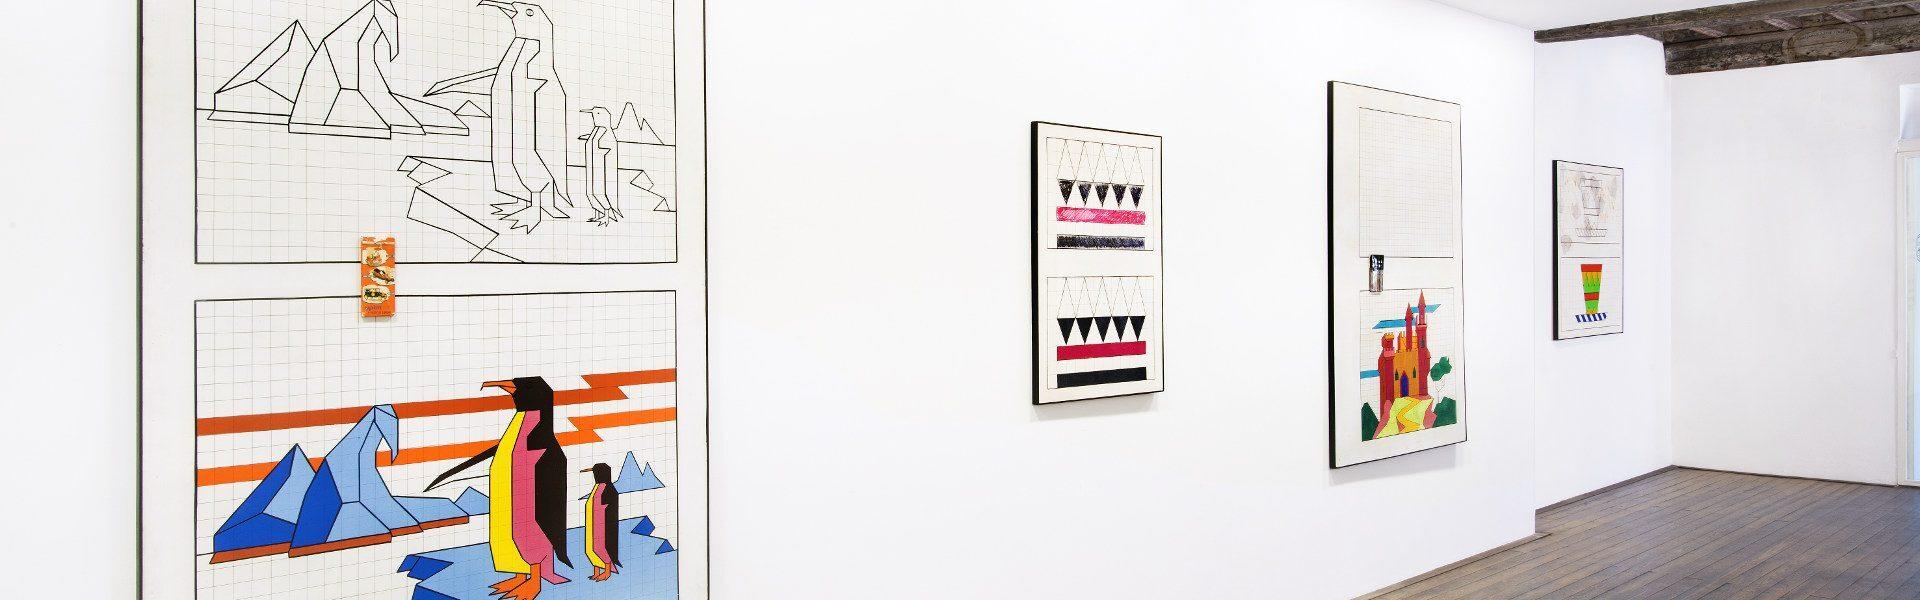 Aldo Mondino, galleria Il Ponte, Firenze_2